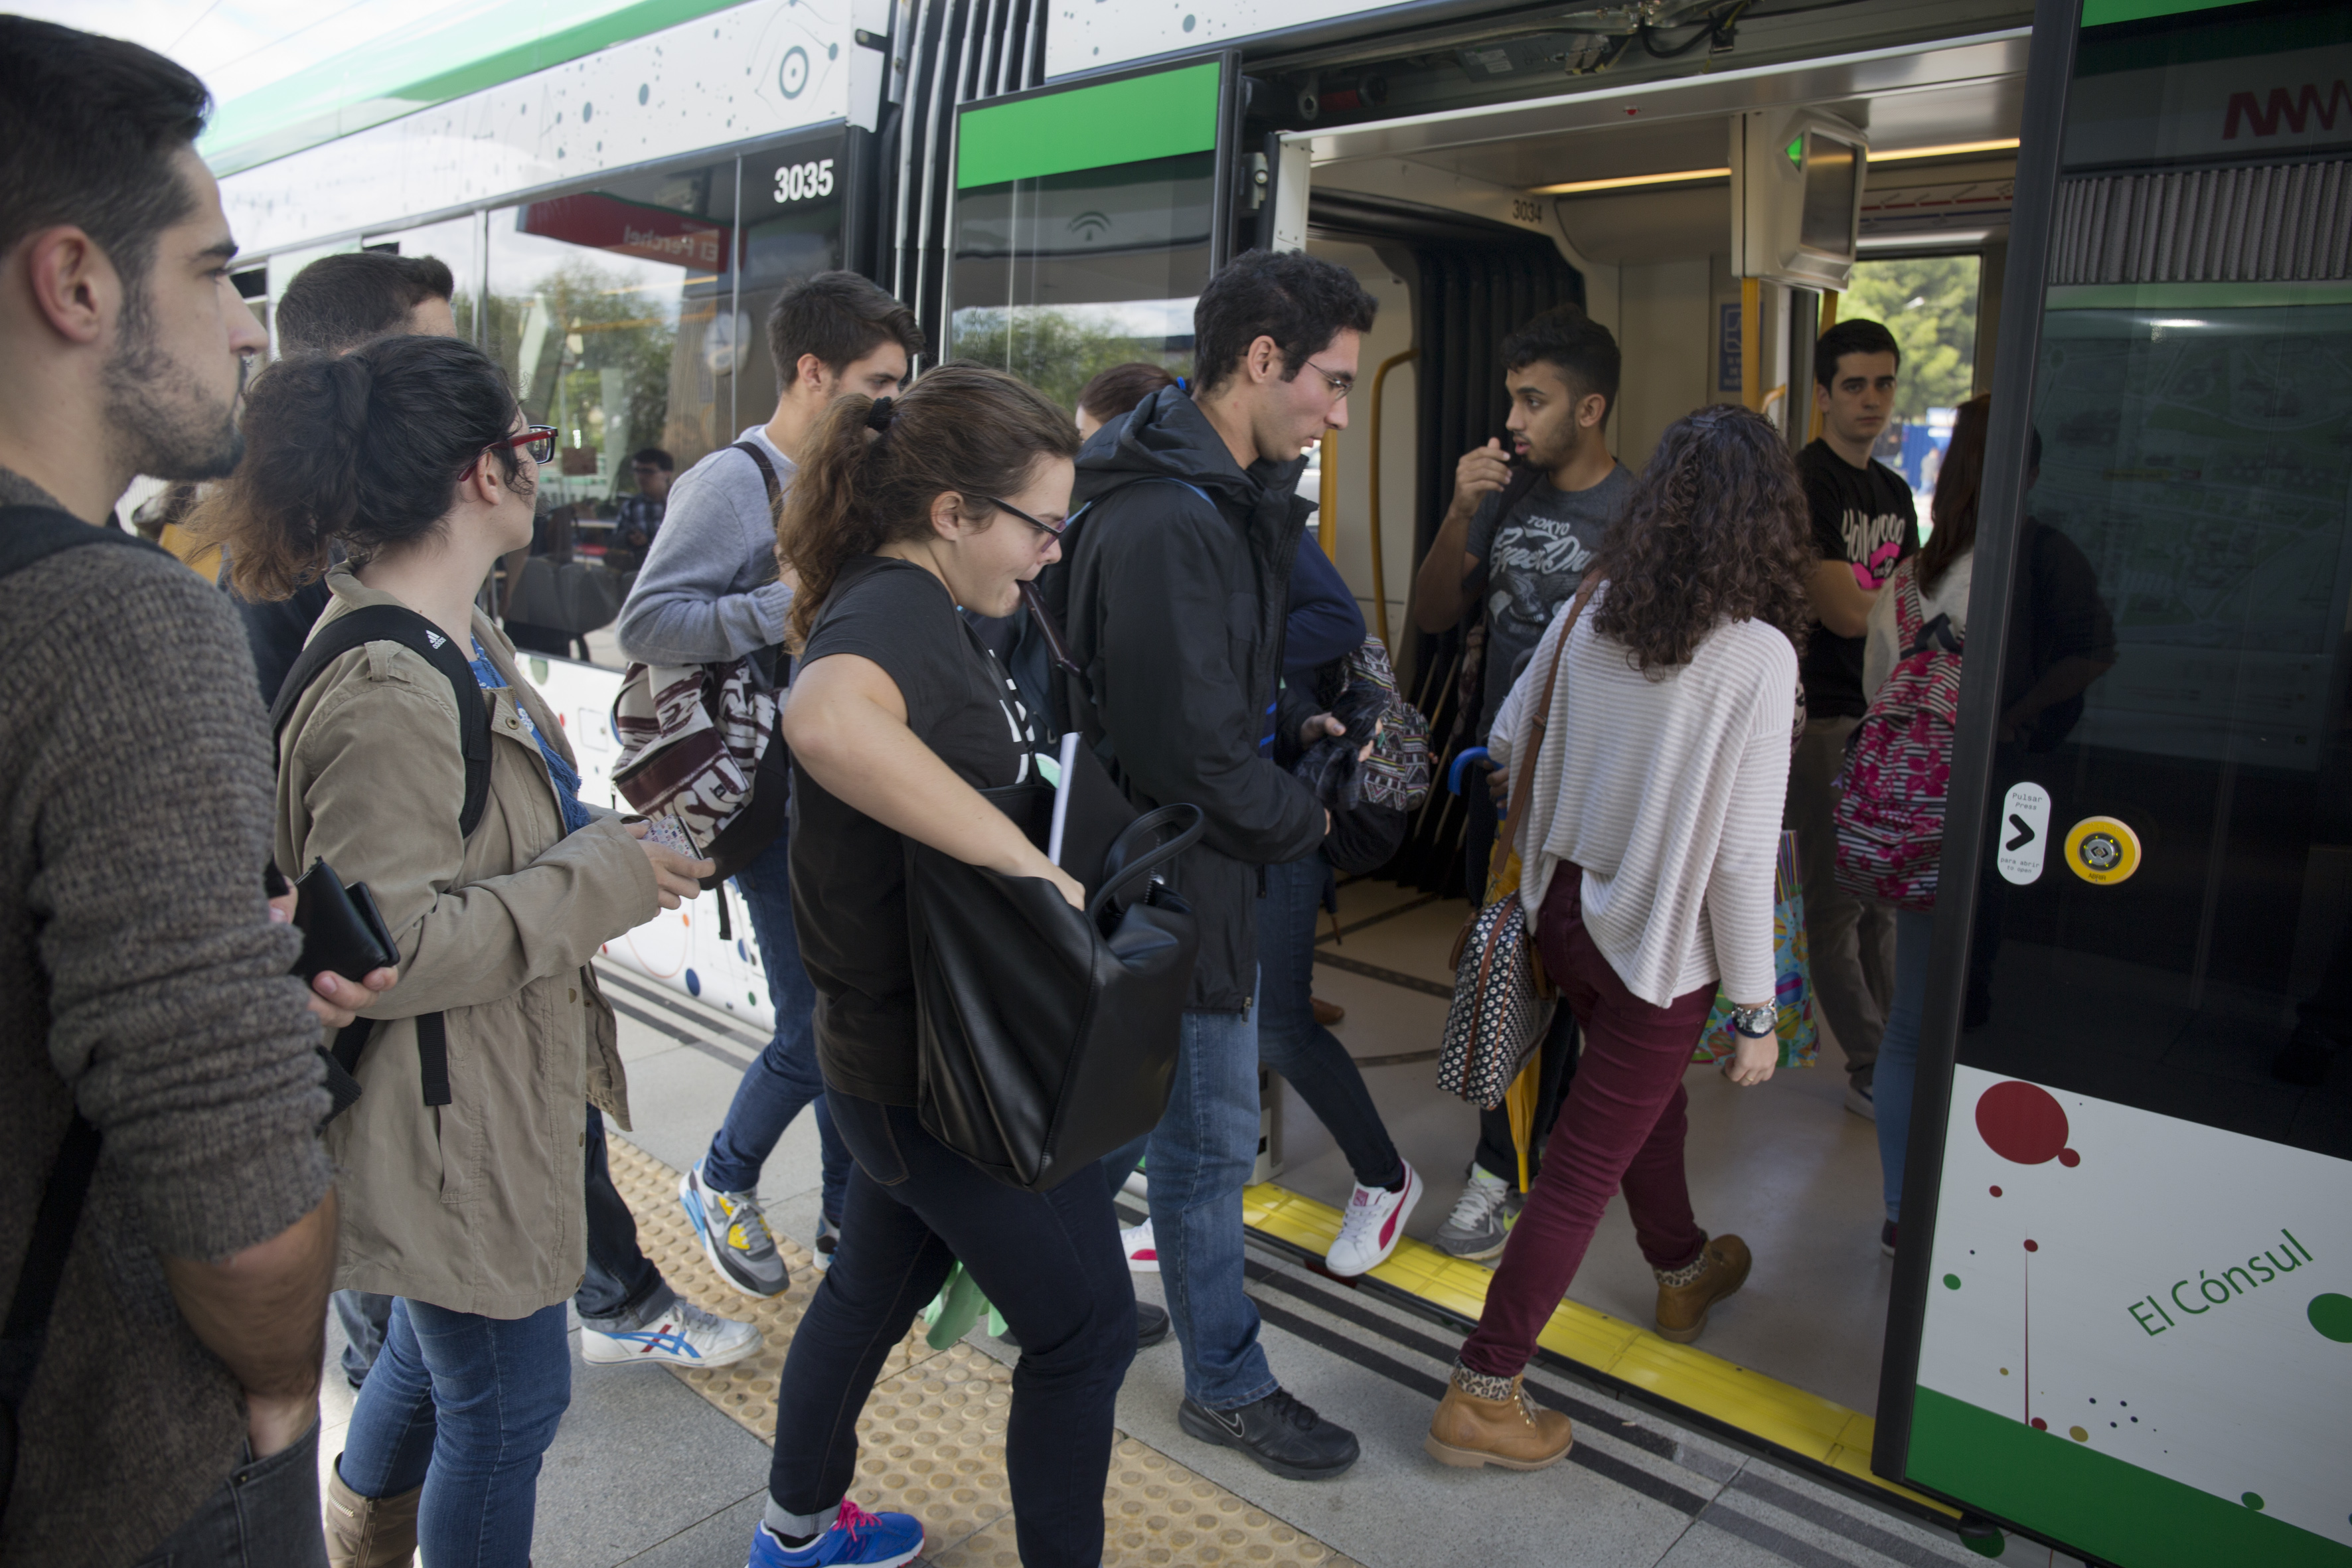 El pasado viernes se registró el récord de usuarios desde que se puso en servicio el metro de Málaga hace más de 3 años.